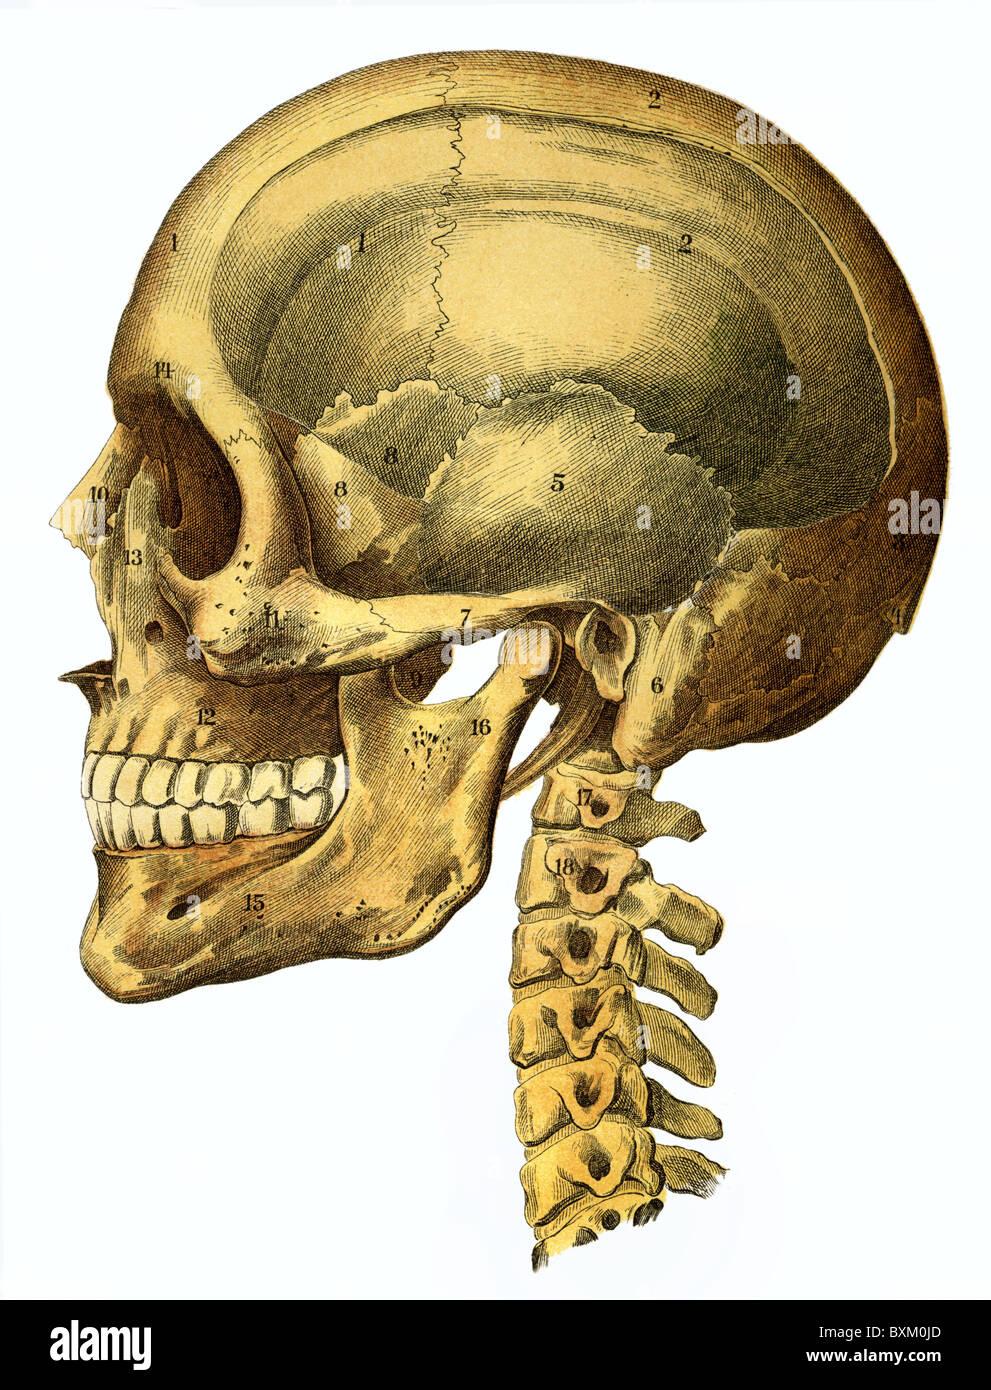 La medicina, la anatomía, la calavera humana natural, ejemplo, en ...